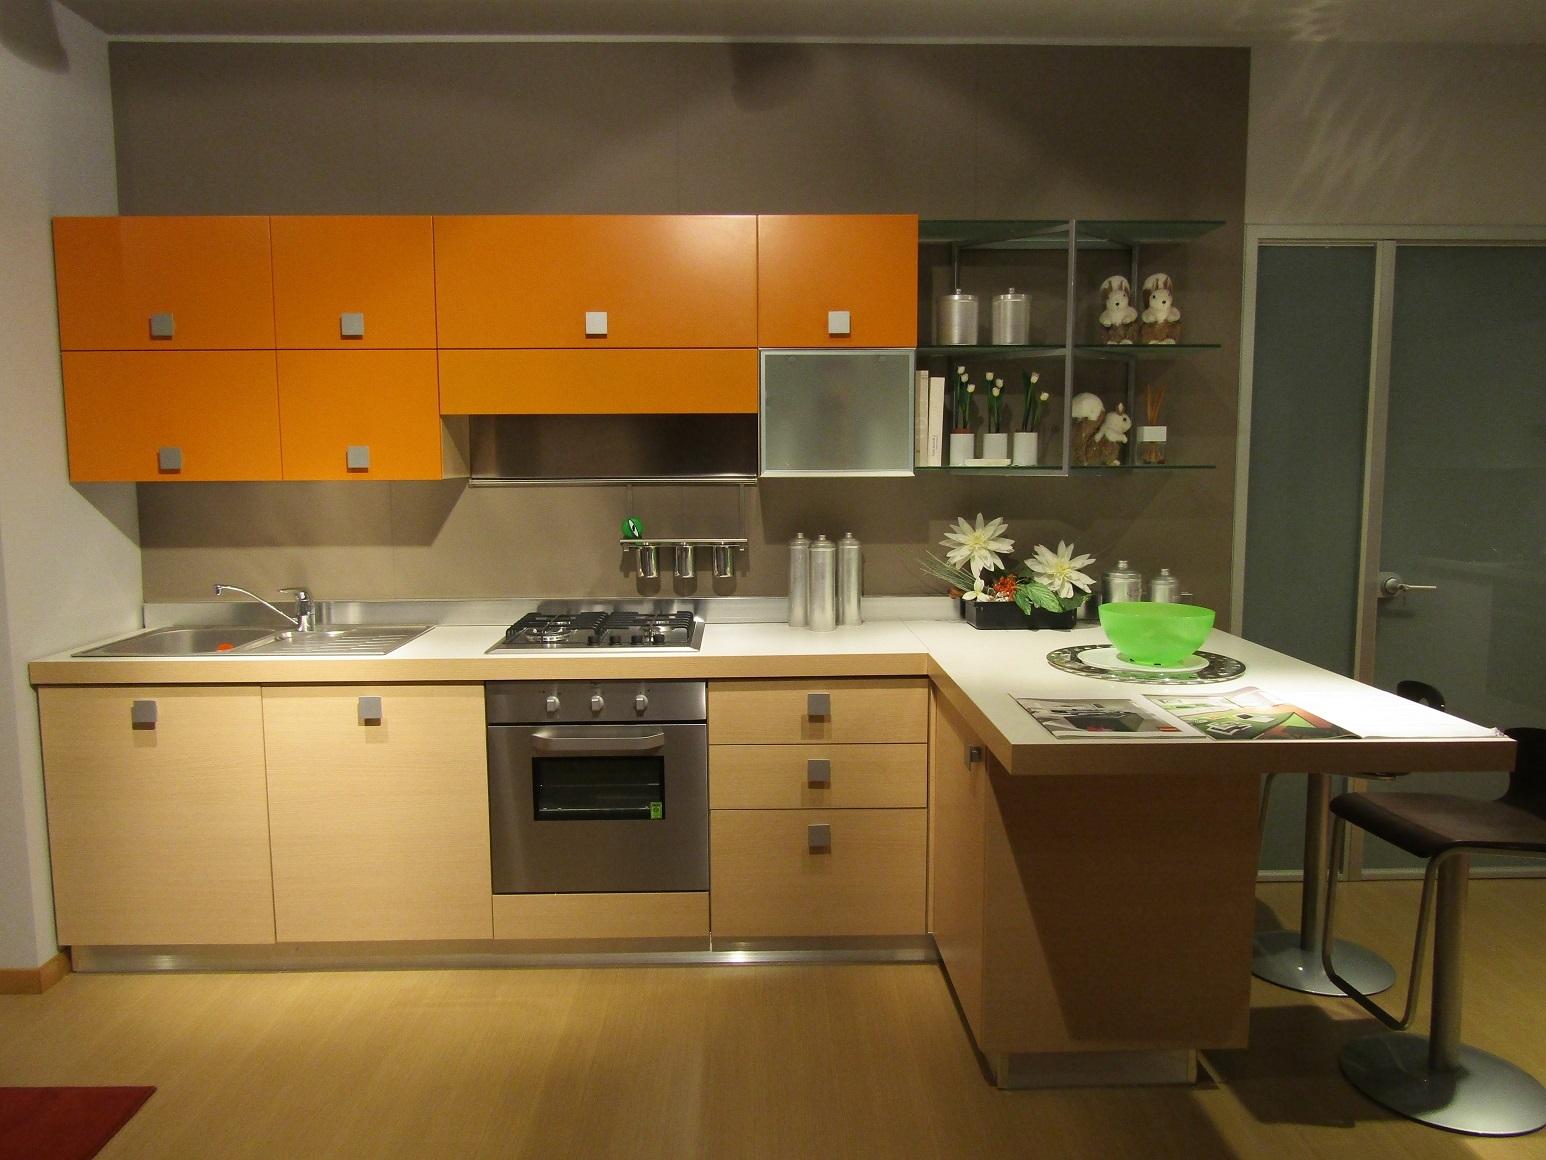 Cucina scavolini modello sax in offerta cucine a prezzi - Cucine 3 metri scavolini ...